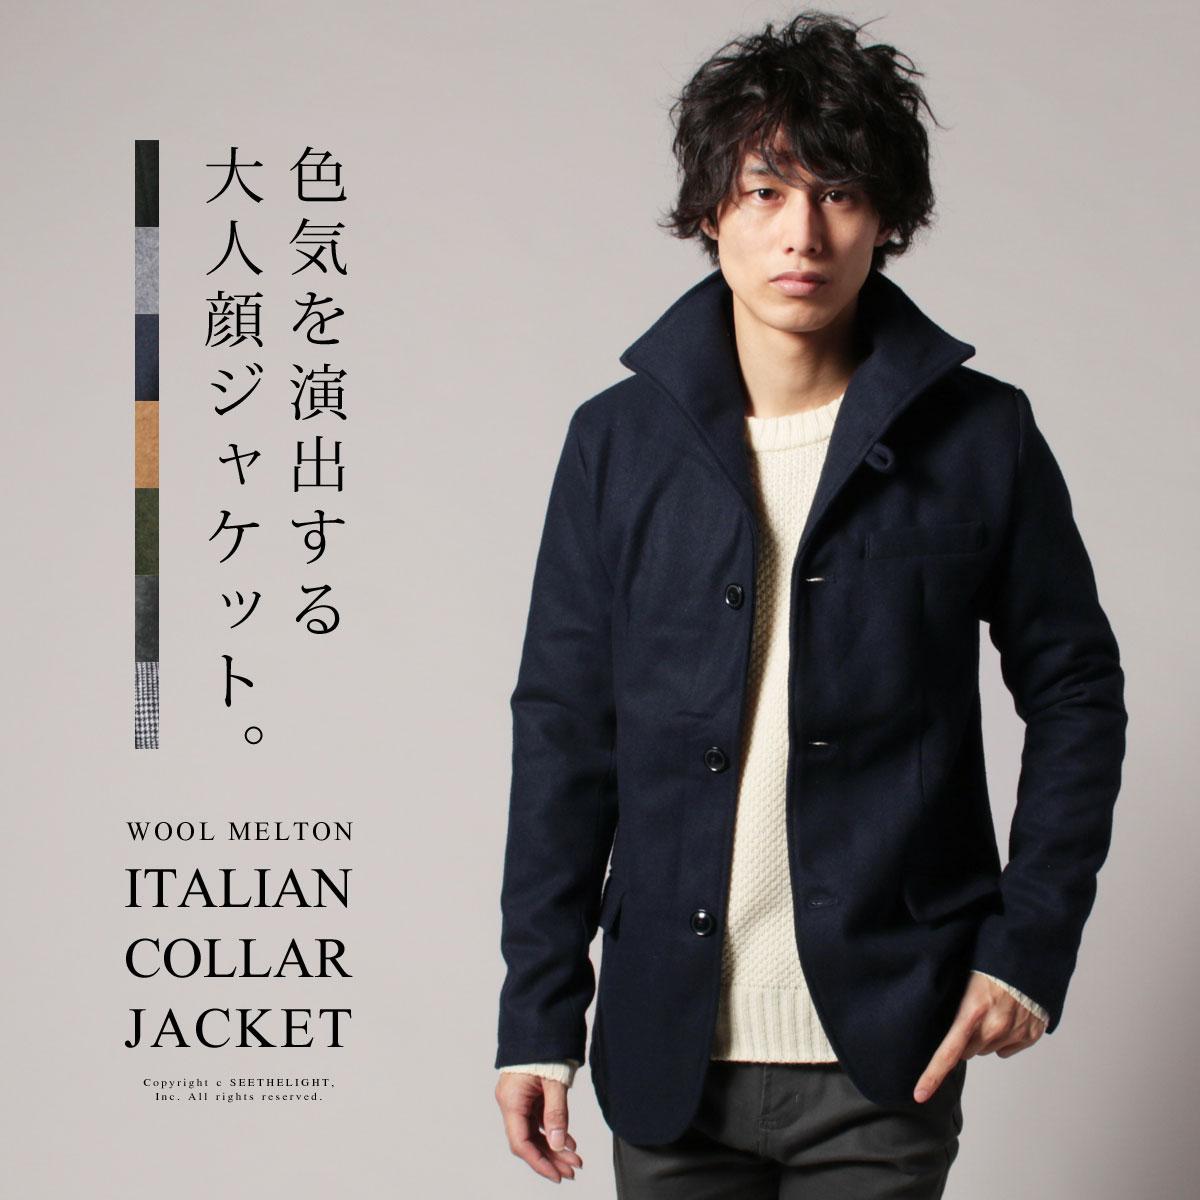 イタリアンカラージャケット メンズ ブランド アウター メルトンジャケット 秋冬 イタリアンカラー ジャンパー・ブルゾン アウター メンズファッション メルトン ウール